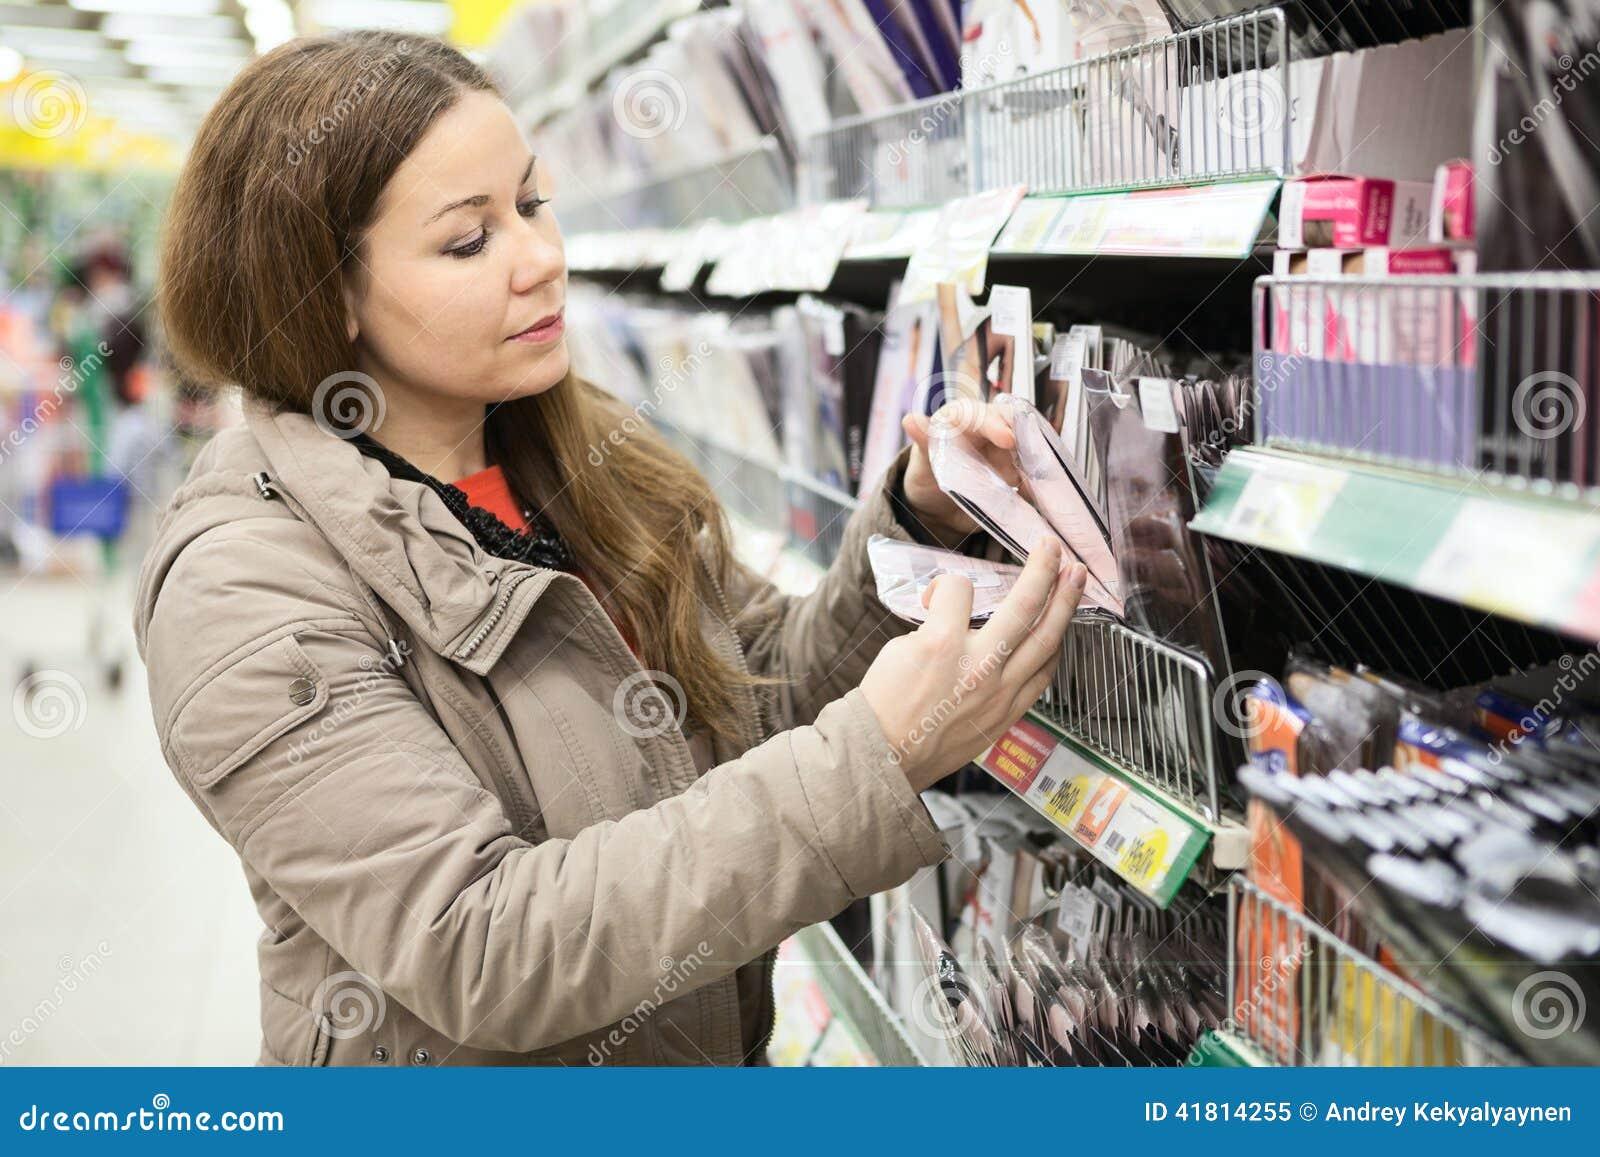 Трахнул продавщицу в магазине, С продавщицей - бесплатное порно онлайн 25 фотография